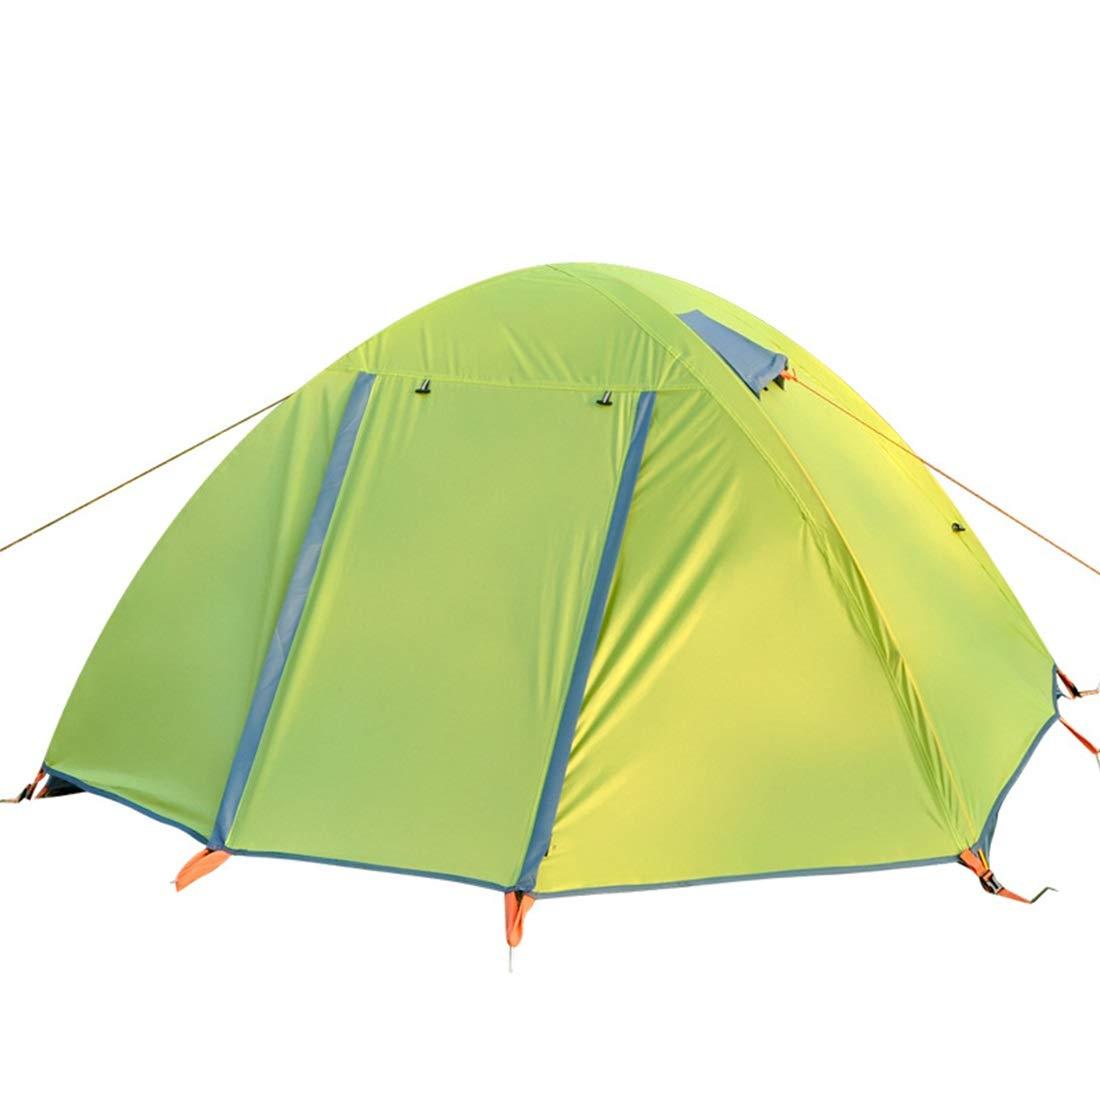 HAOERHOME 2-Personen-Zelt für wildes Abenteuer-Camping im Freien (Farbe : Grün)